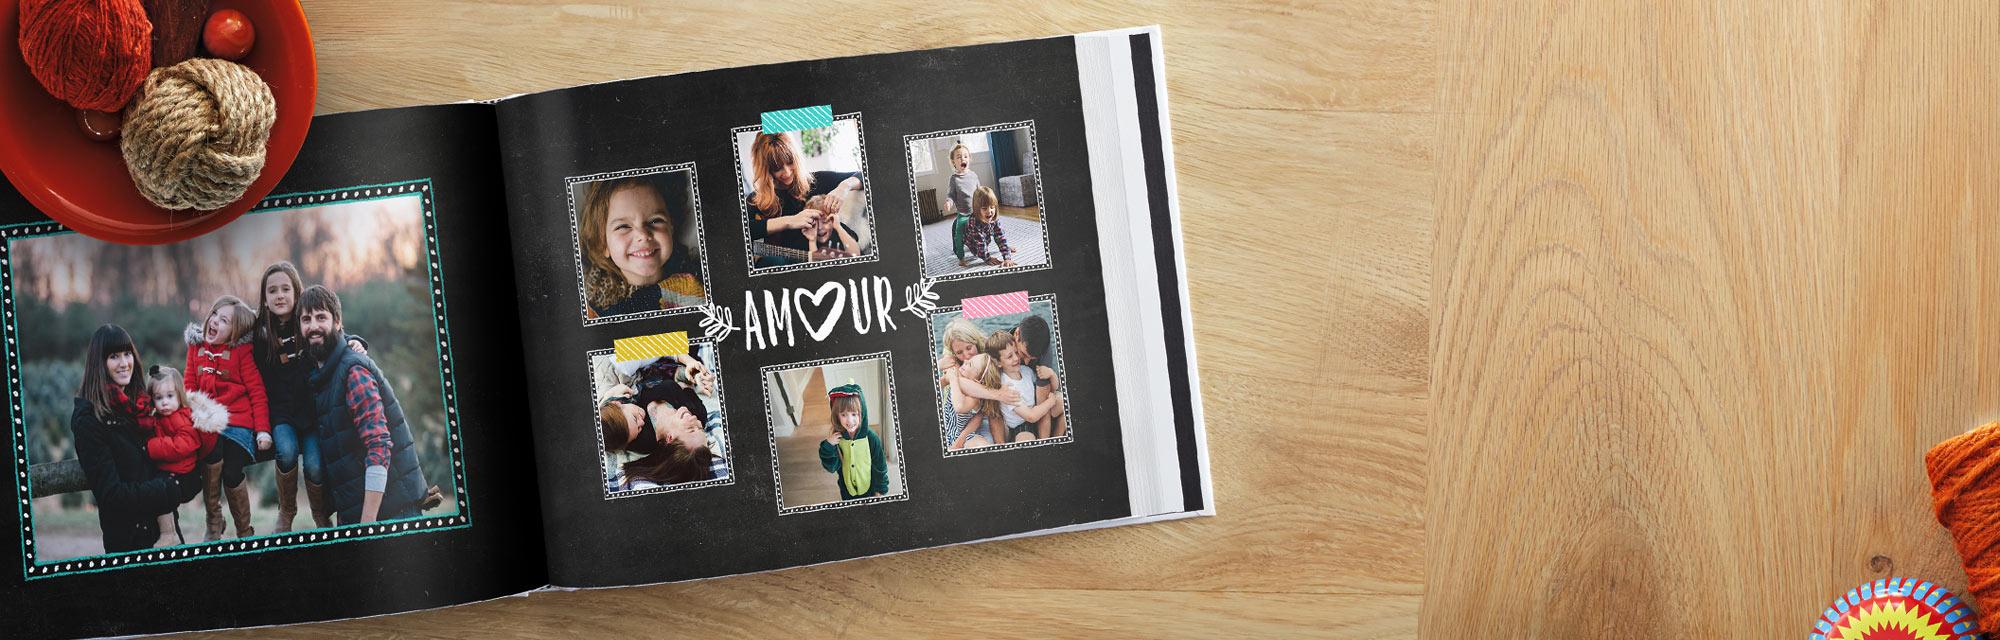 Livres Photo : Choisissez un de nos modèles et sélectionnez remplissage automatique pour ajouter vos photos.